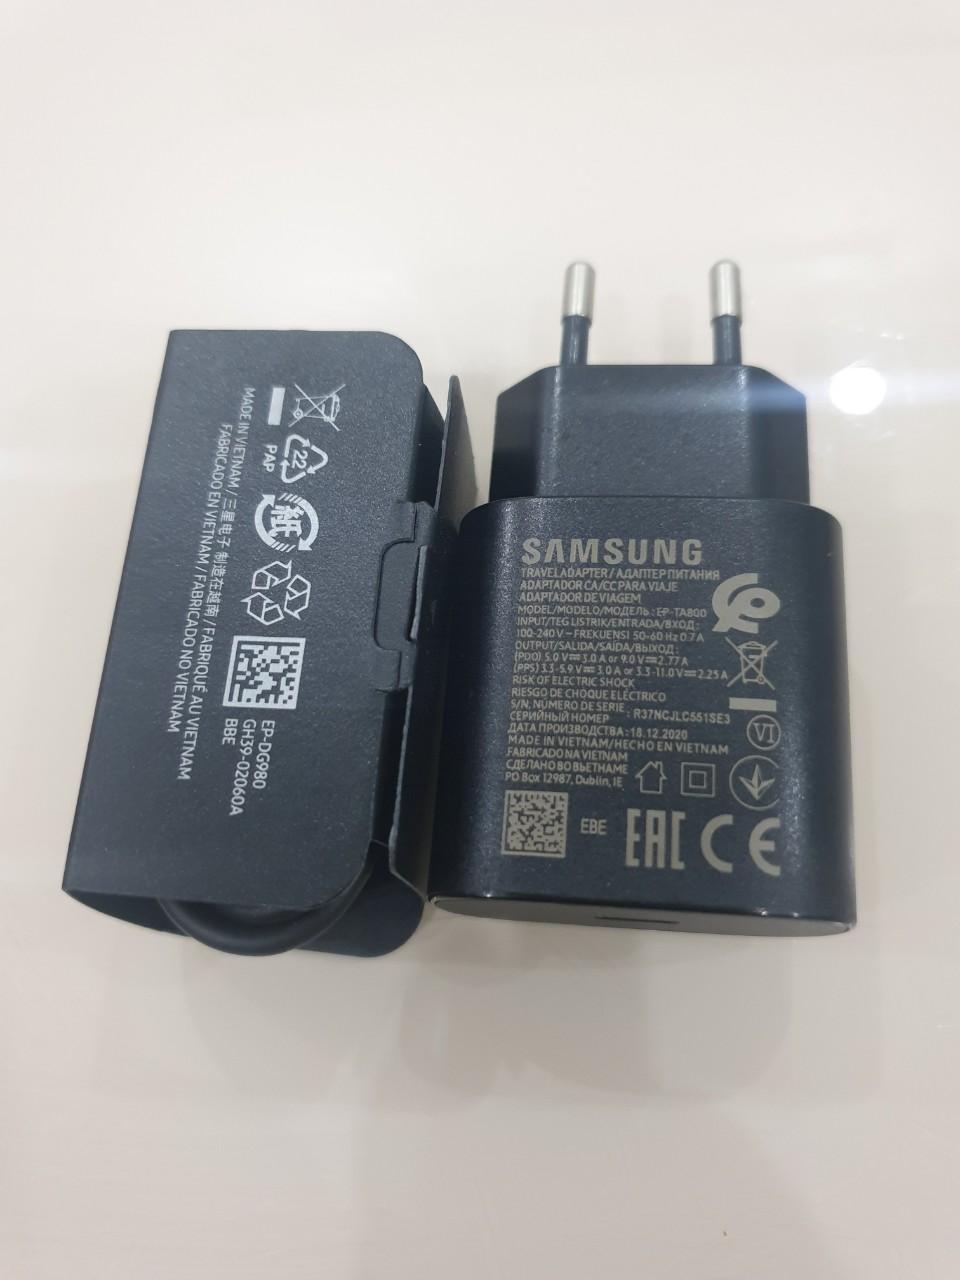 Củ Sạc Nhanh 25w Superfast Charger SamSung Note 10/S10/Note 20/S20/S20 Ultra/S21 Chính hãng (Kèm dây sạc đồng bộ)